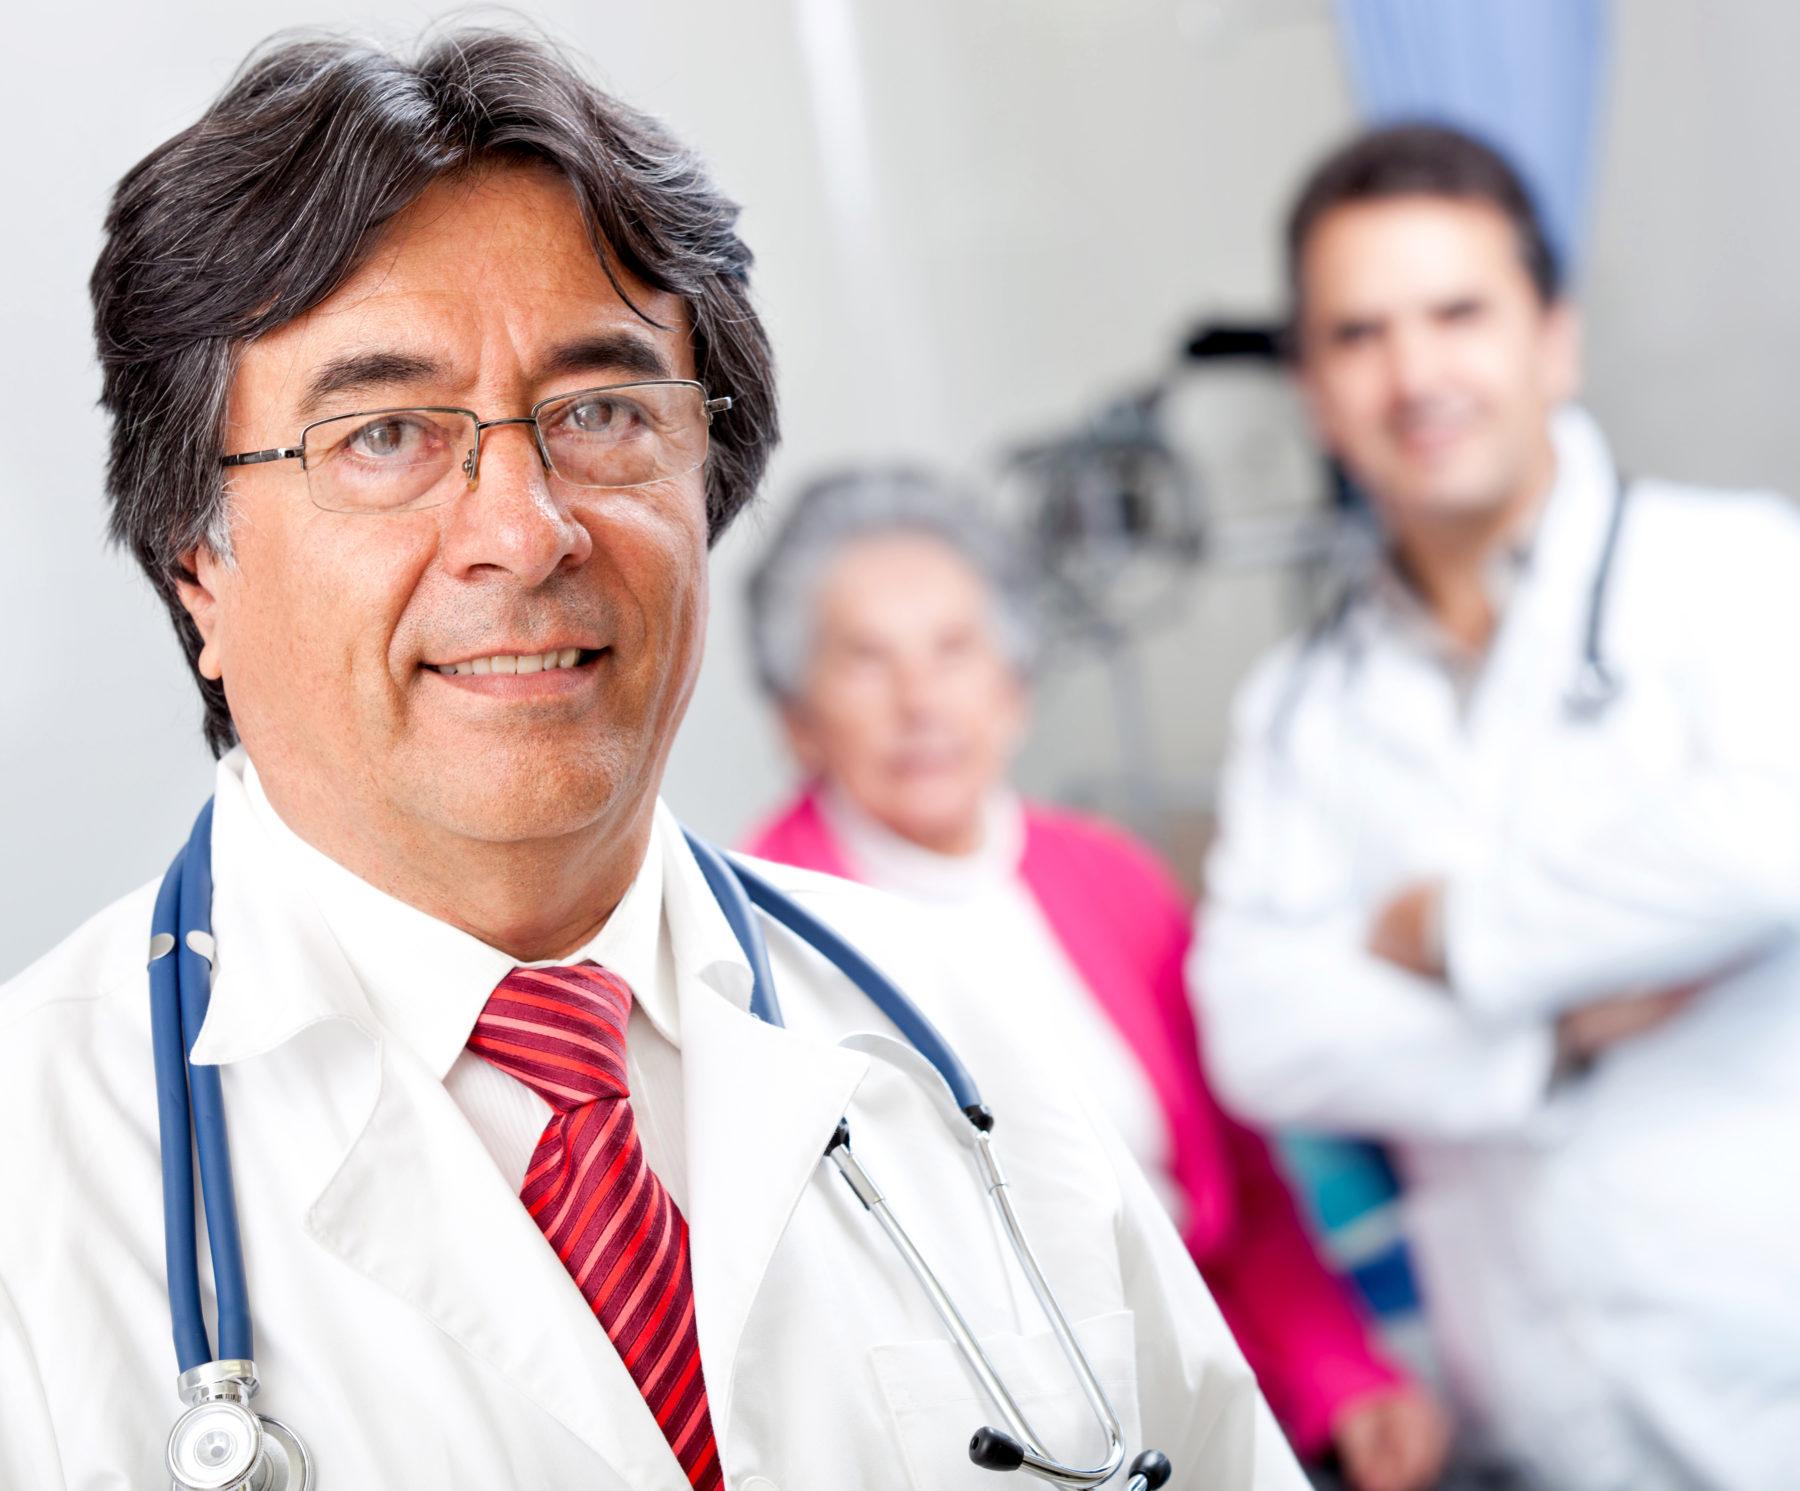 Direttore centro medico - wifi negli ospedali